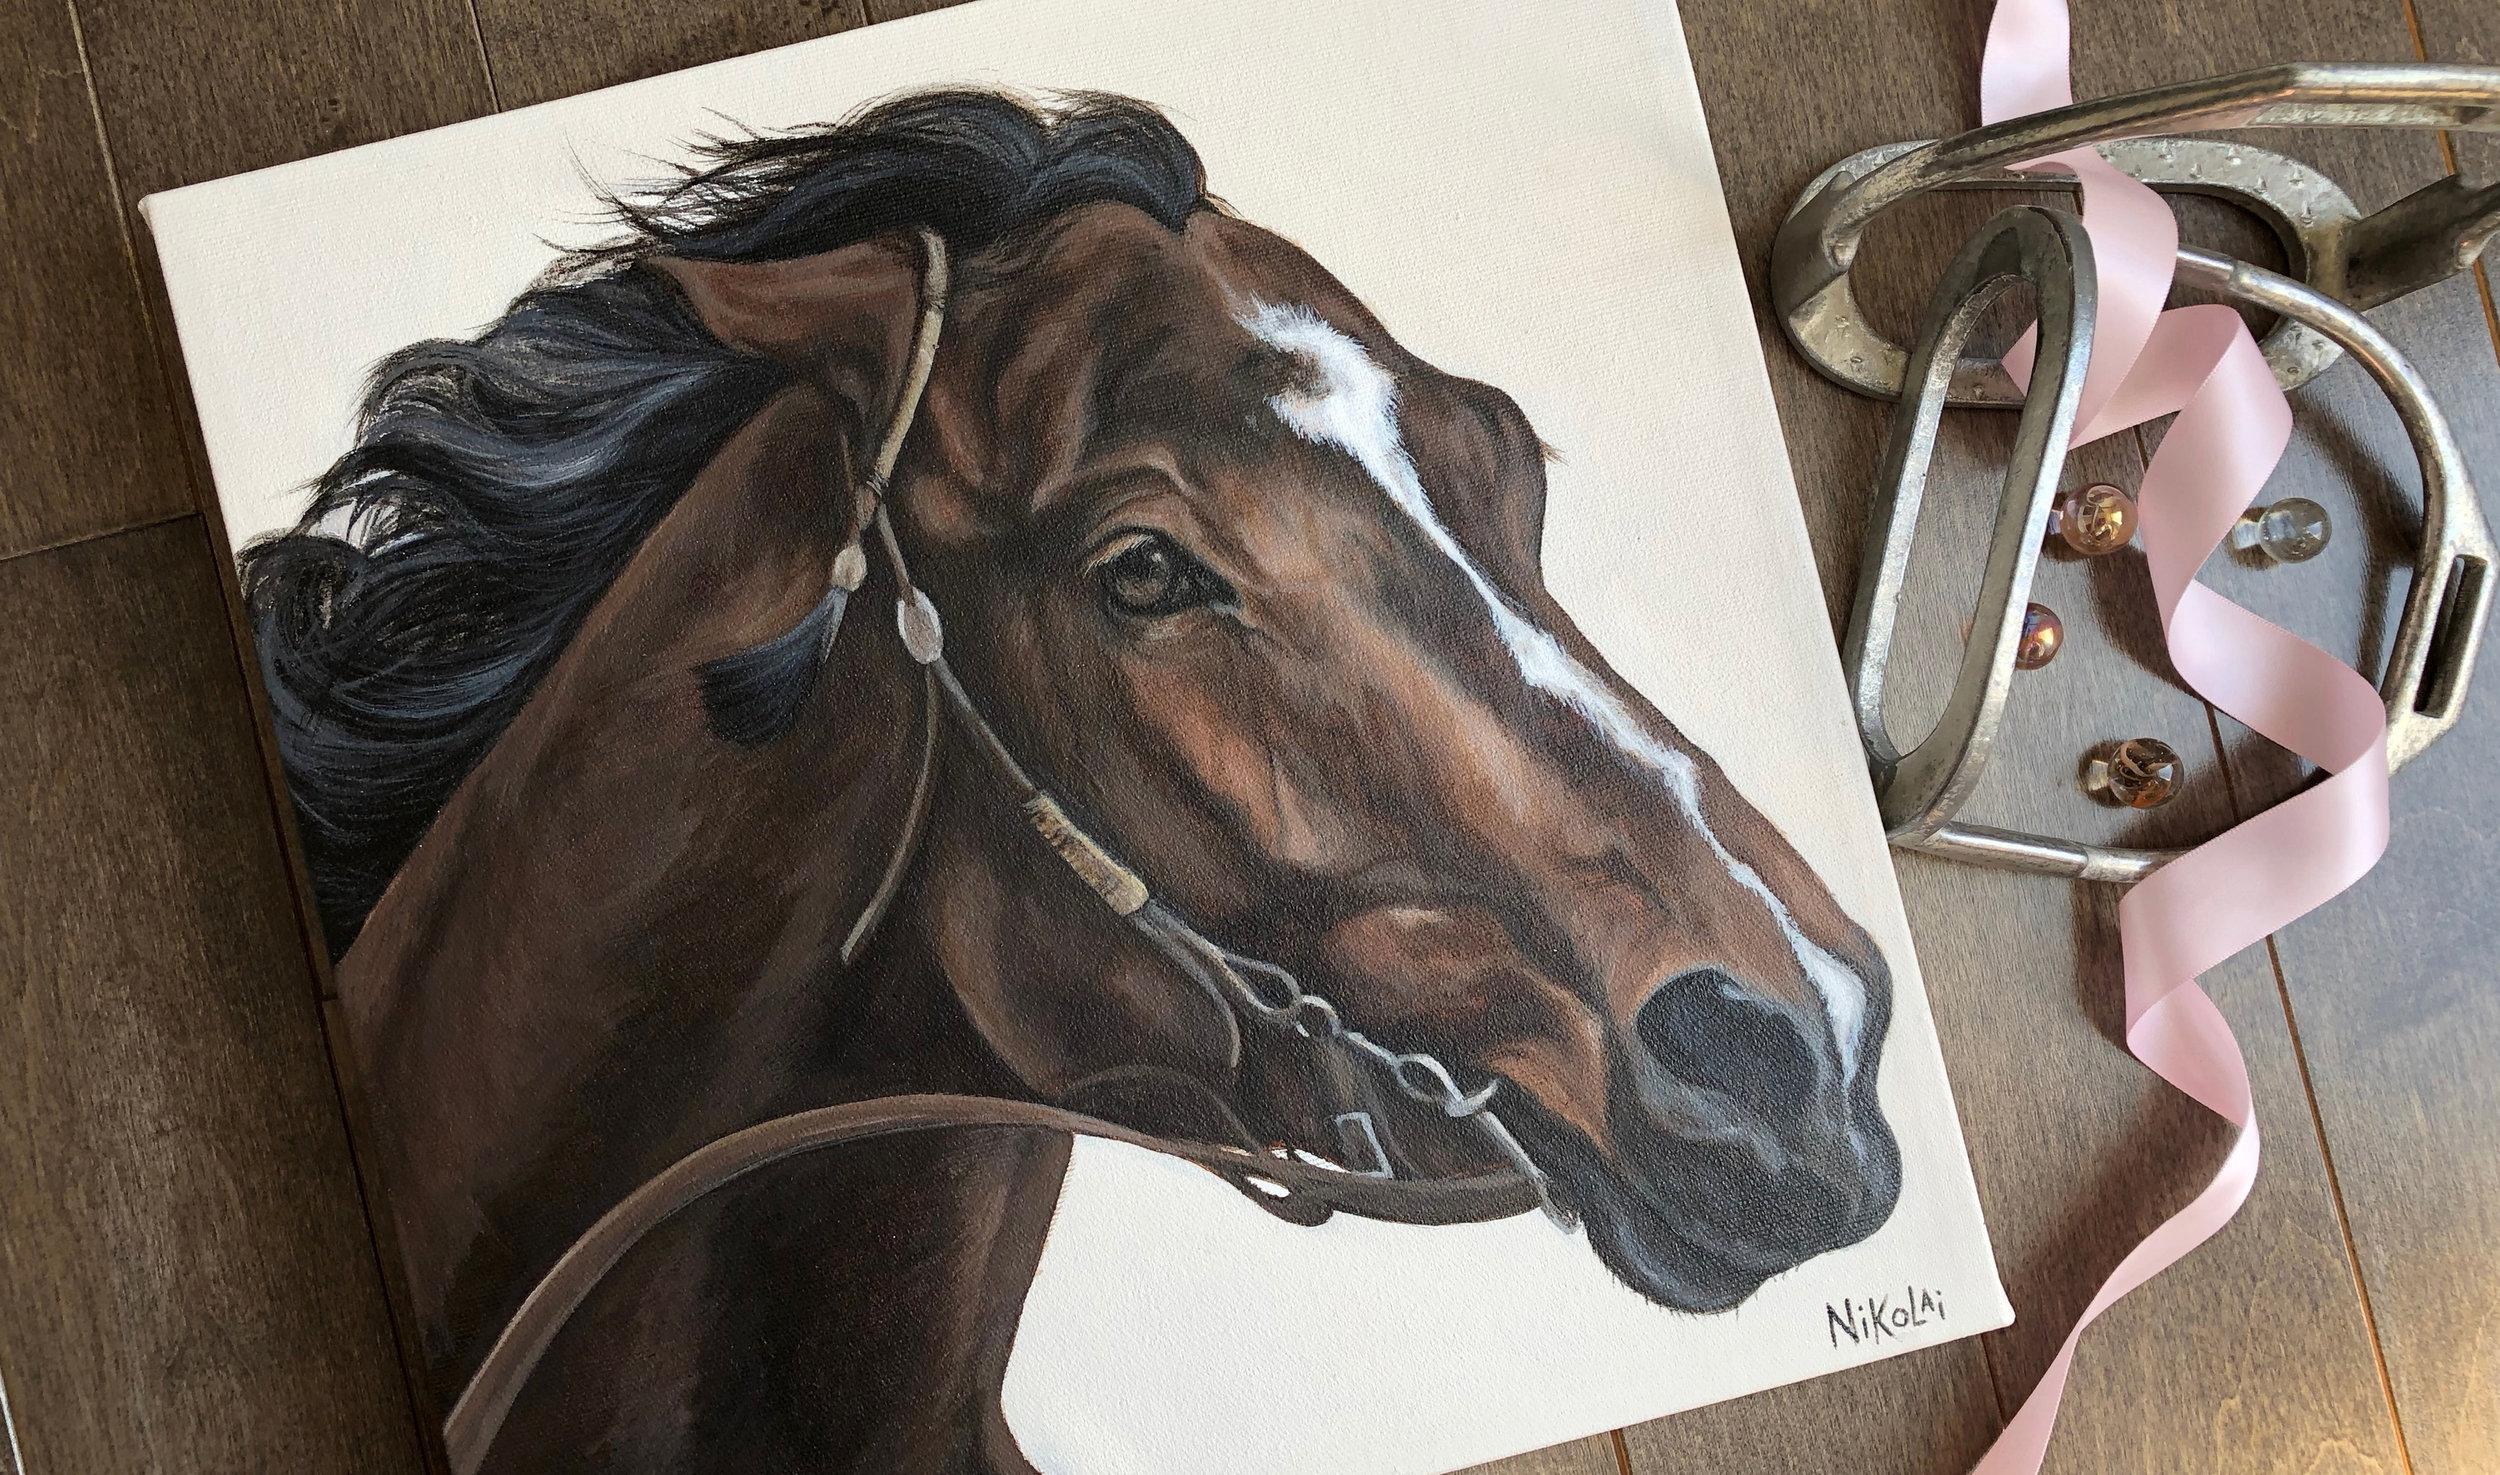 Surge (Quarter Horse)